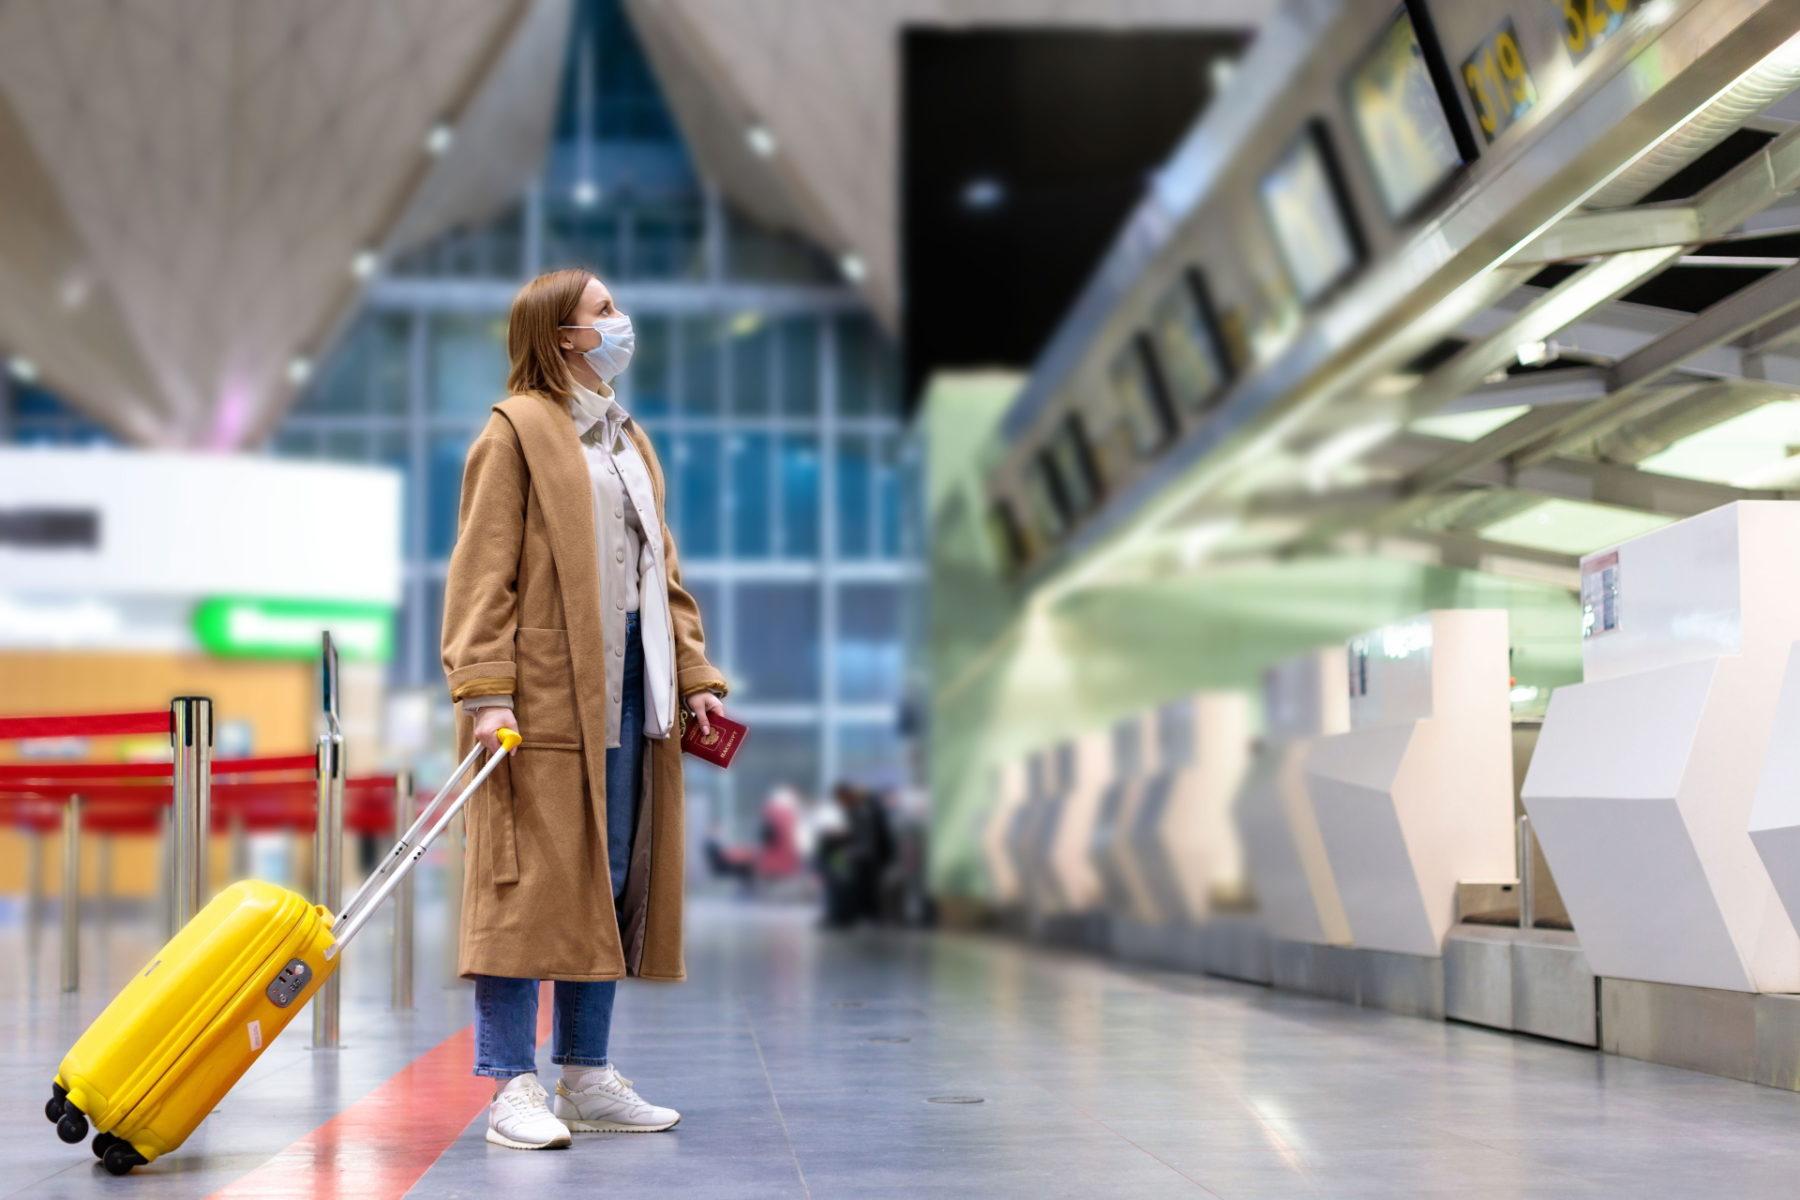 Mundschutz Flughafen